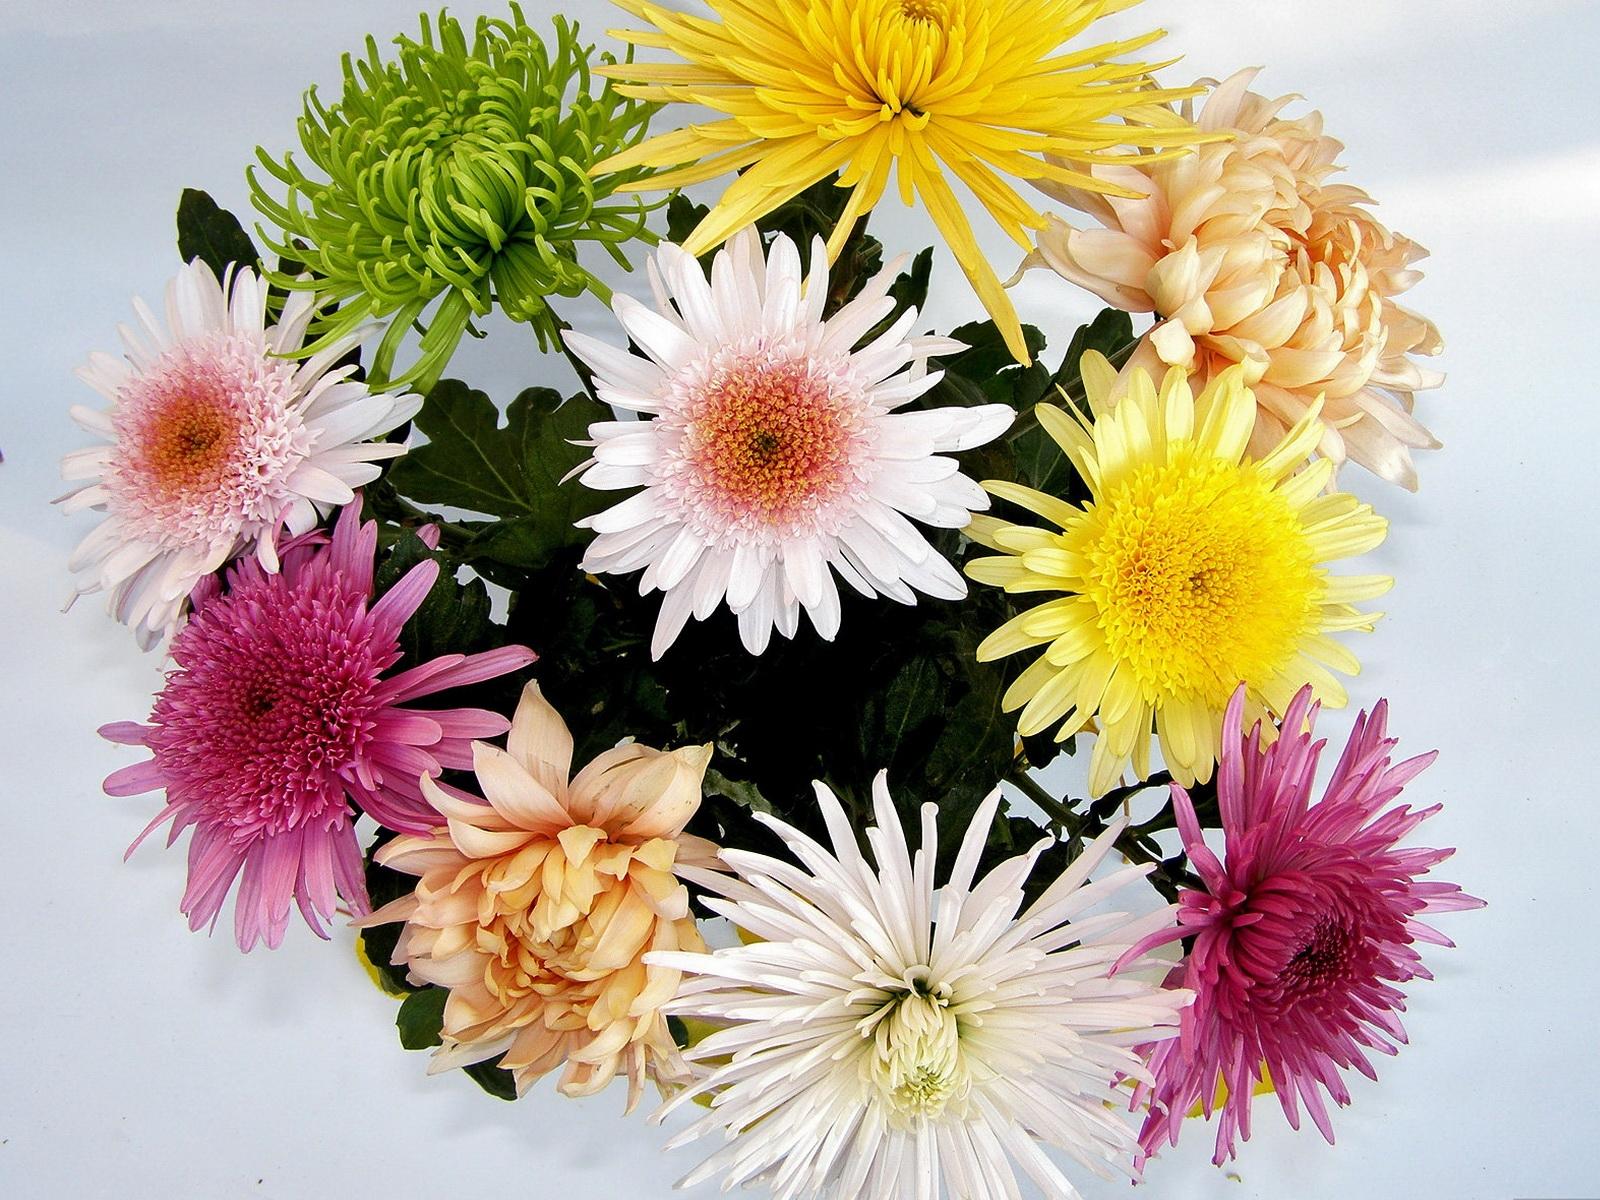 Картинки фото красивая с днем рождения хризантема